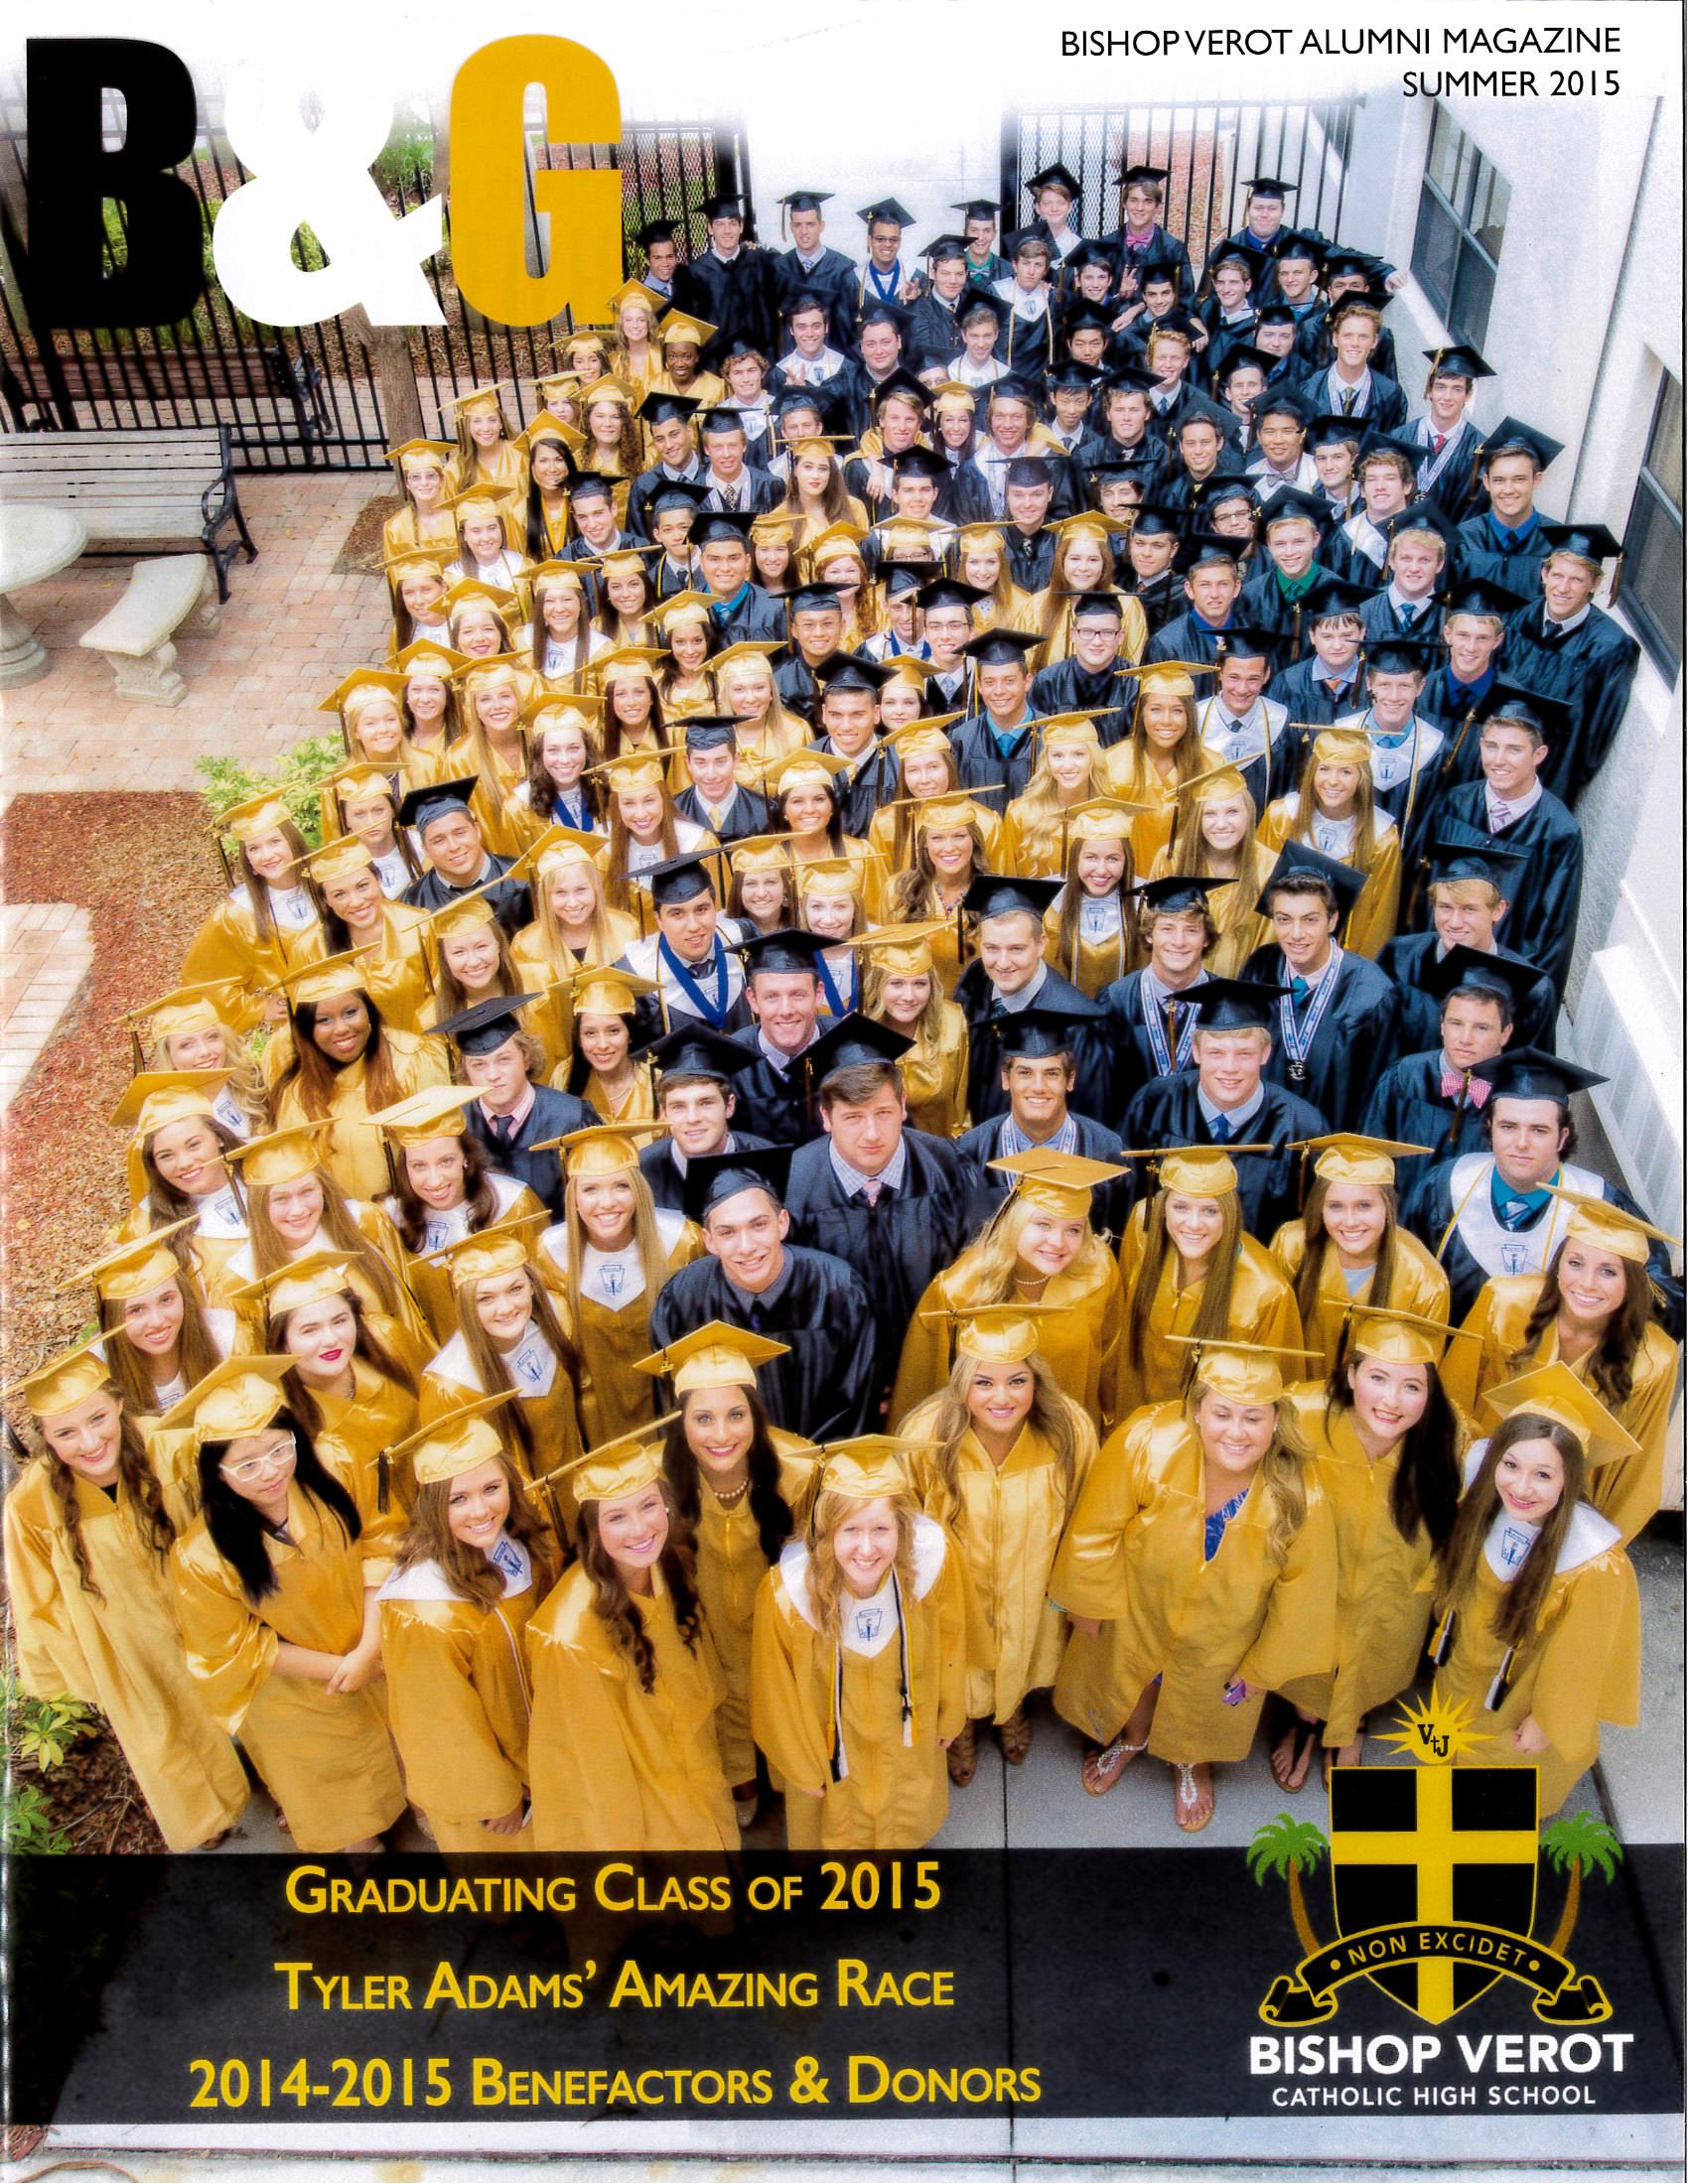 B&G Alumni Magazine Summer 2015